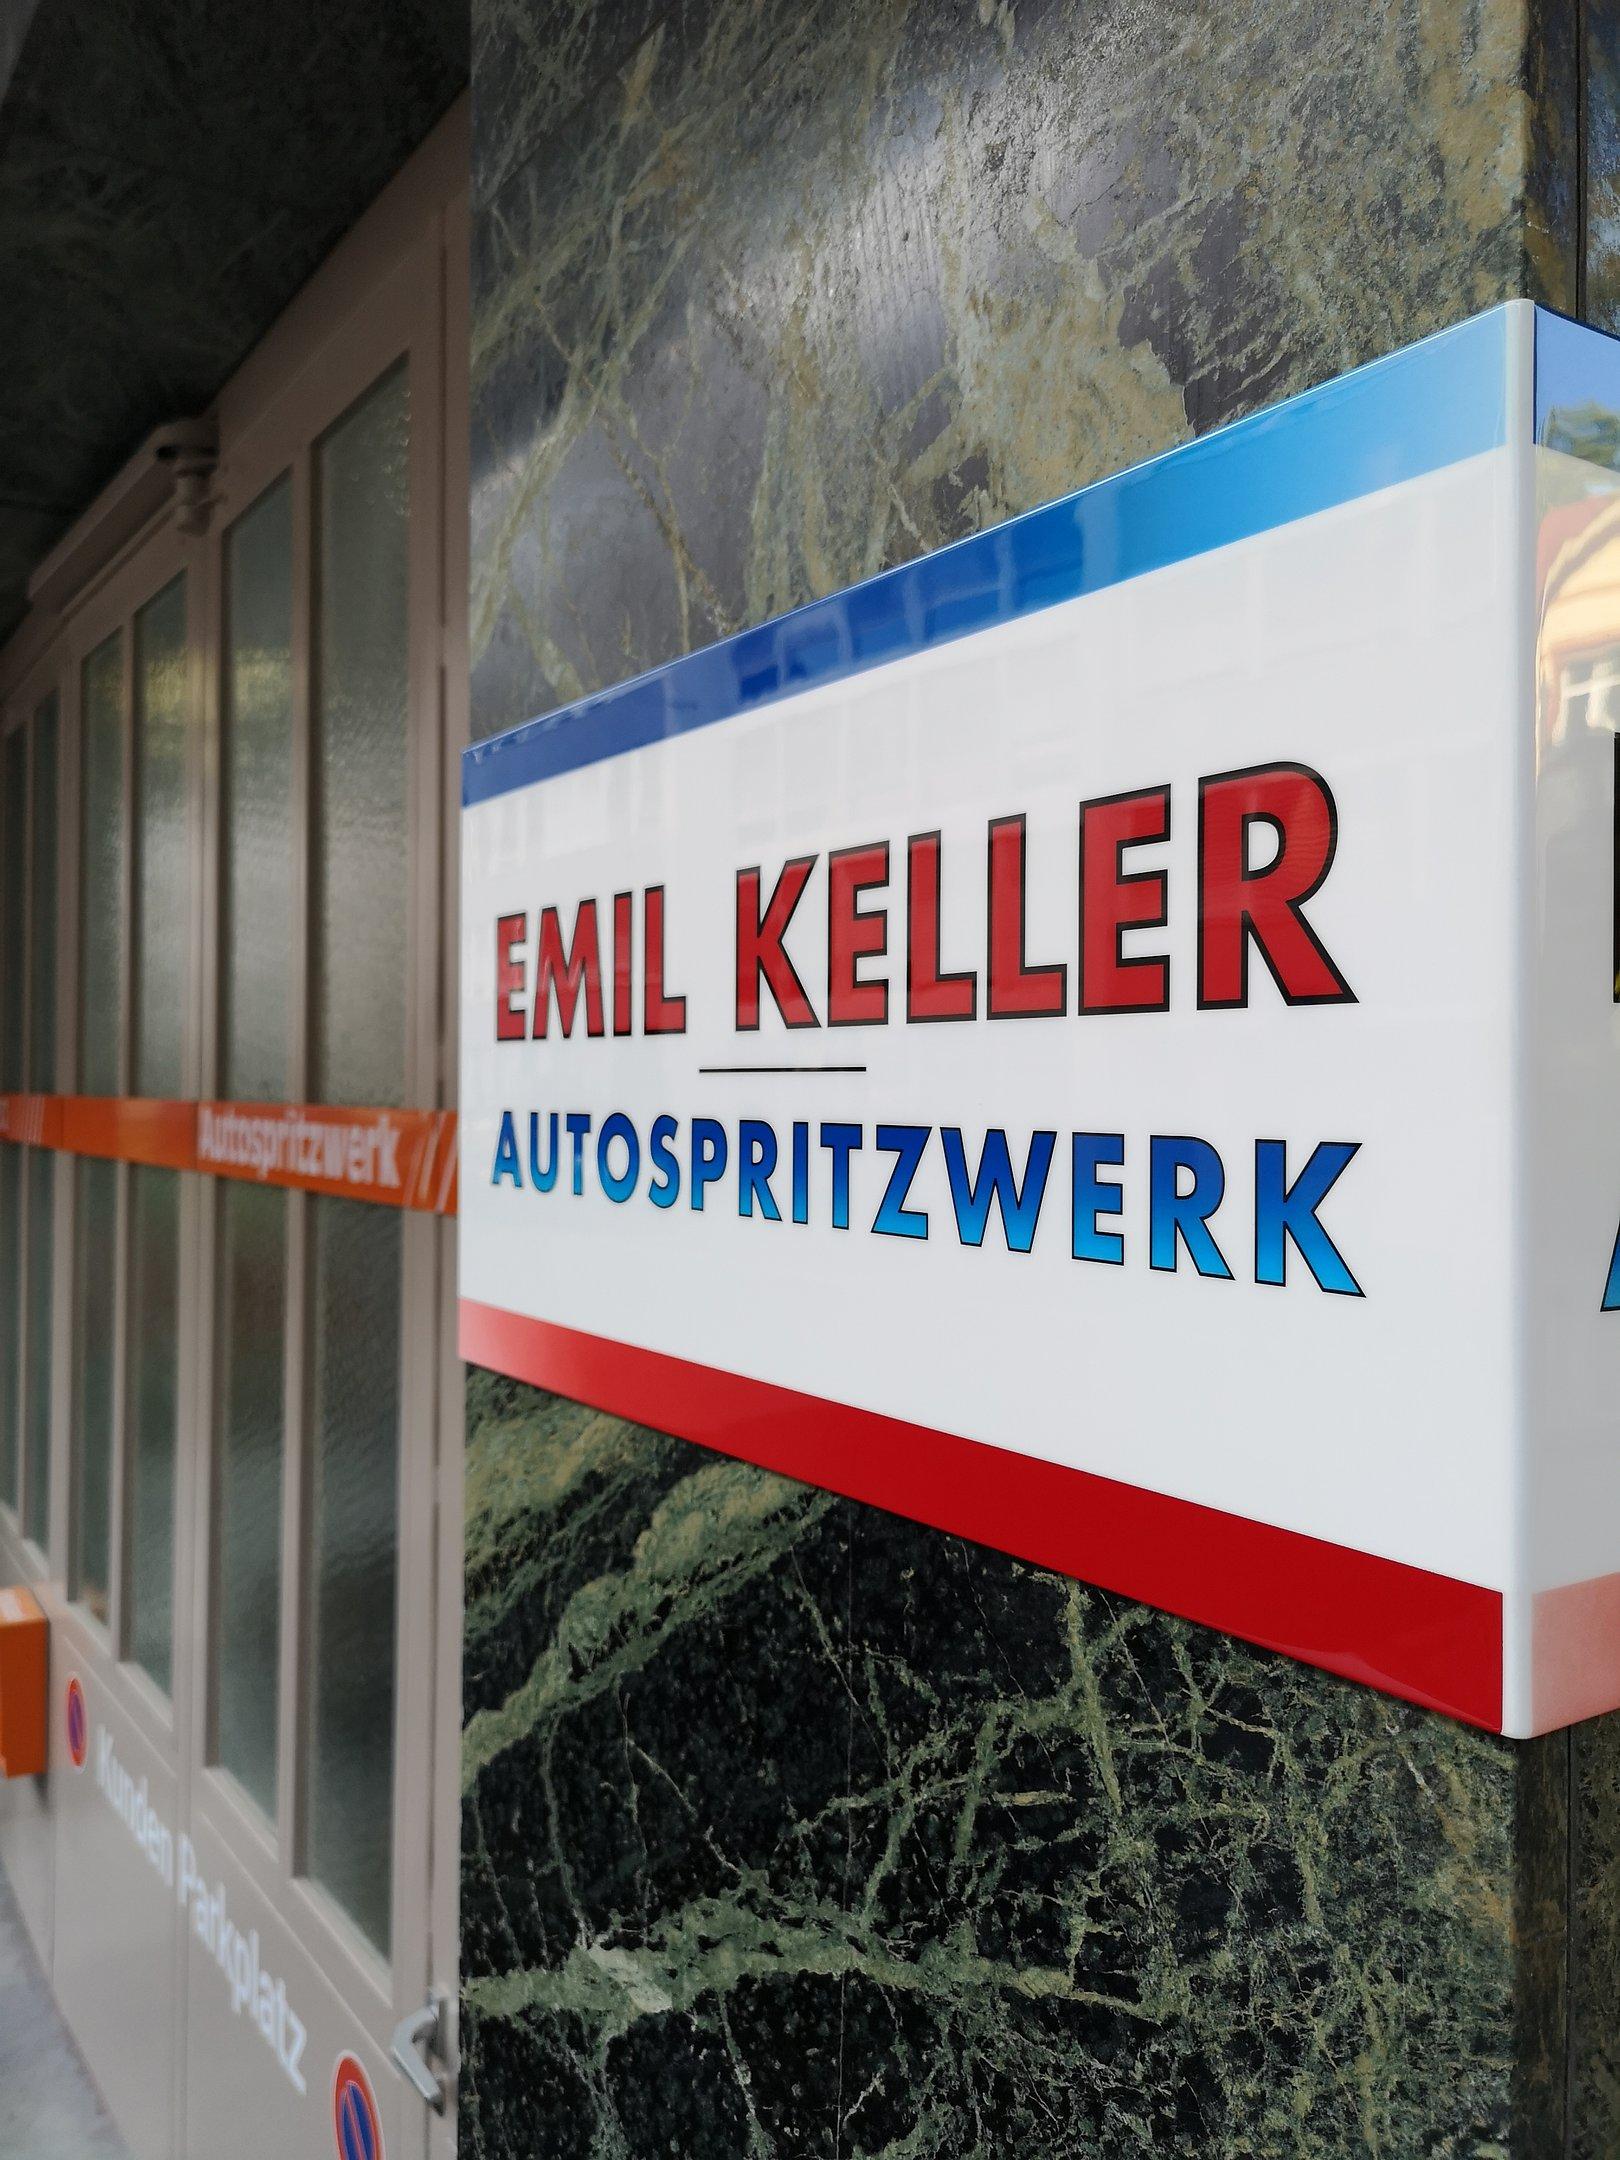 Emil Keller